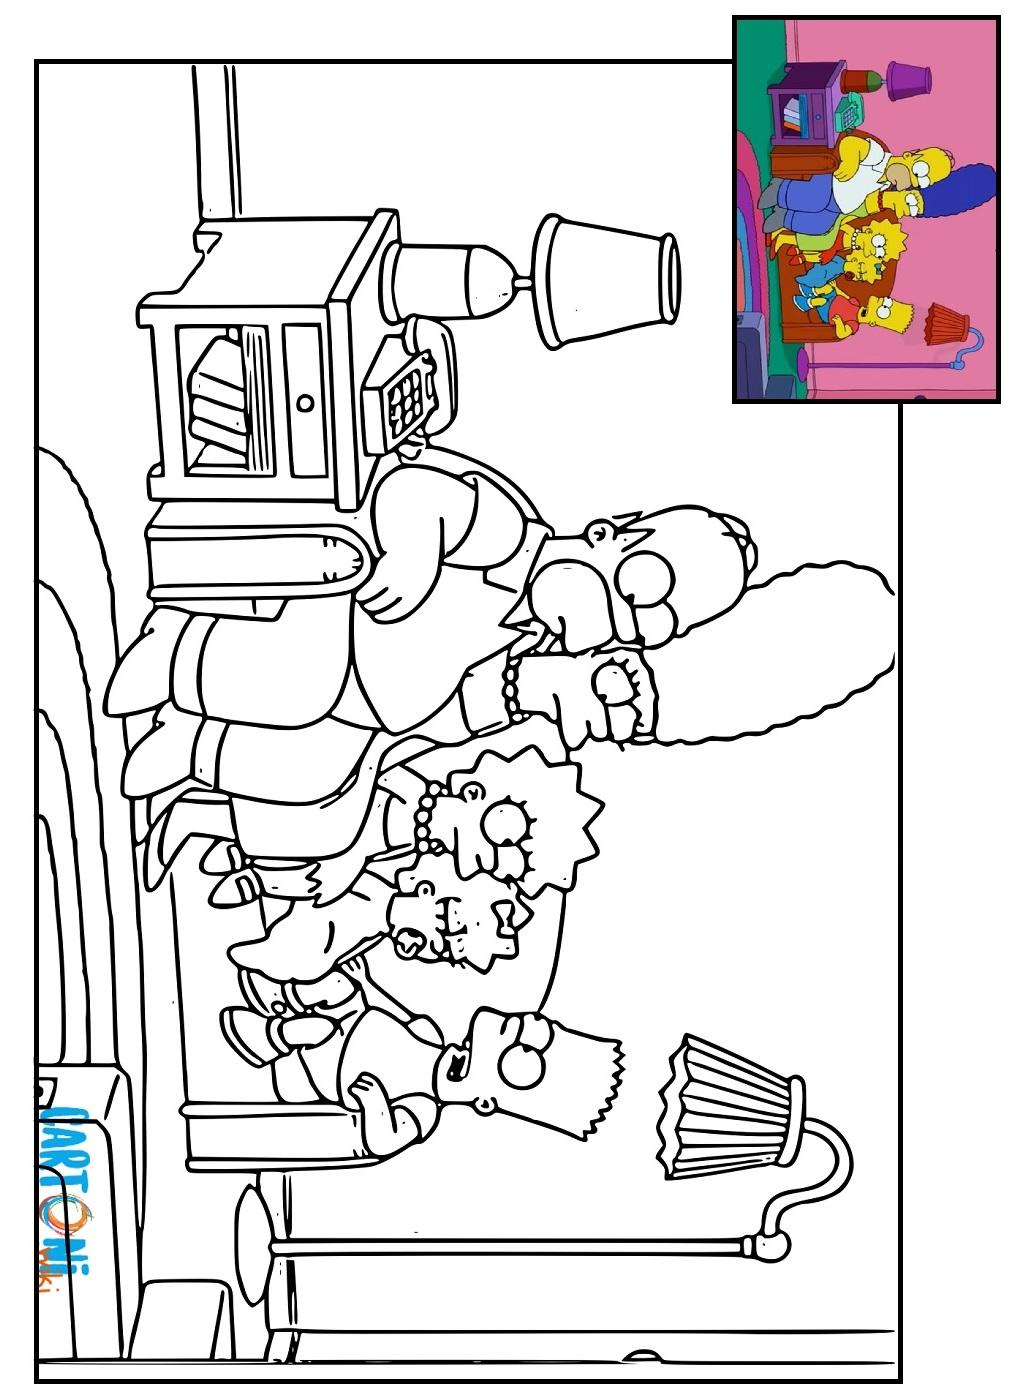 Disegni da colorare dei Simpson - Disegni da colorare